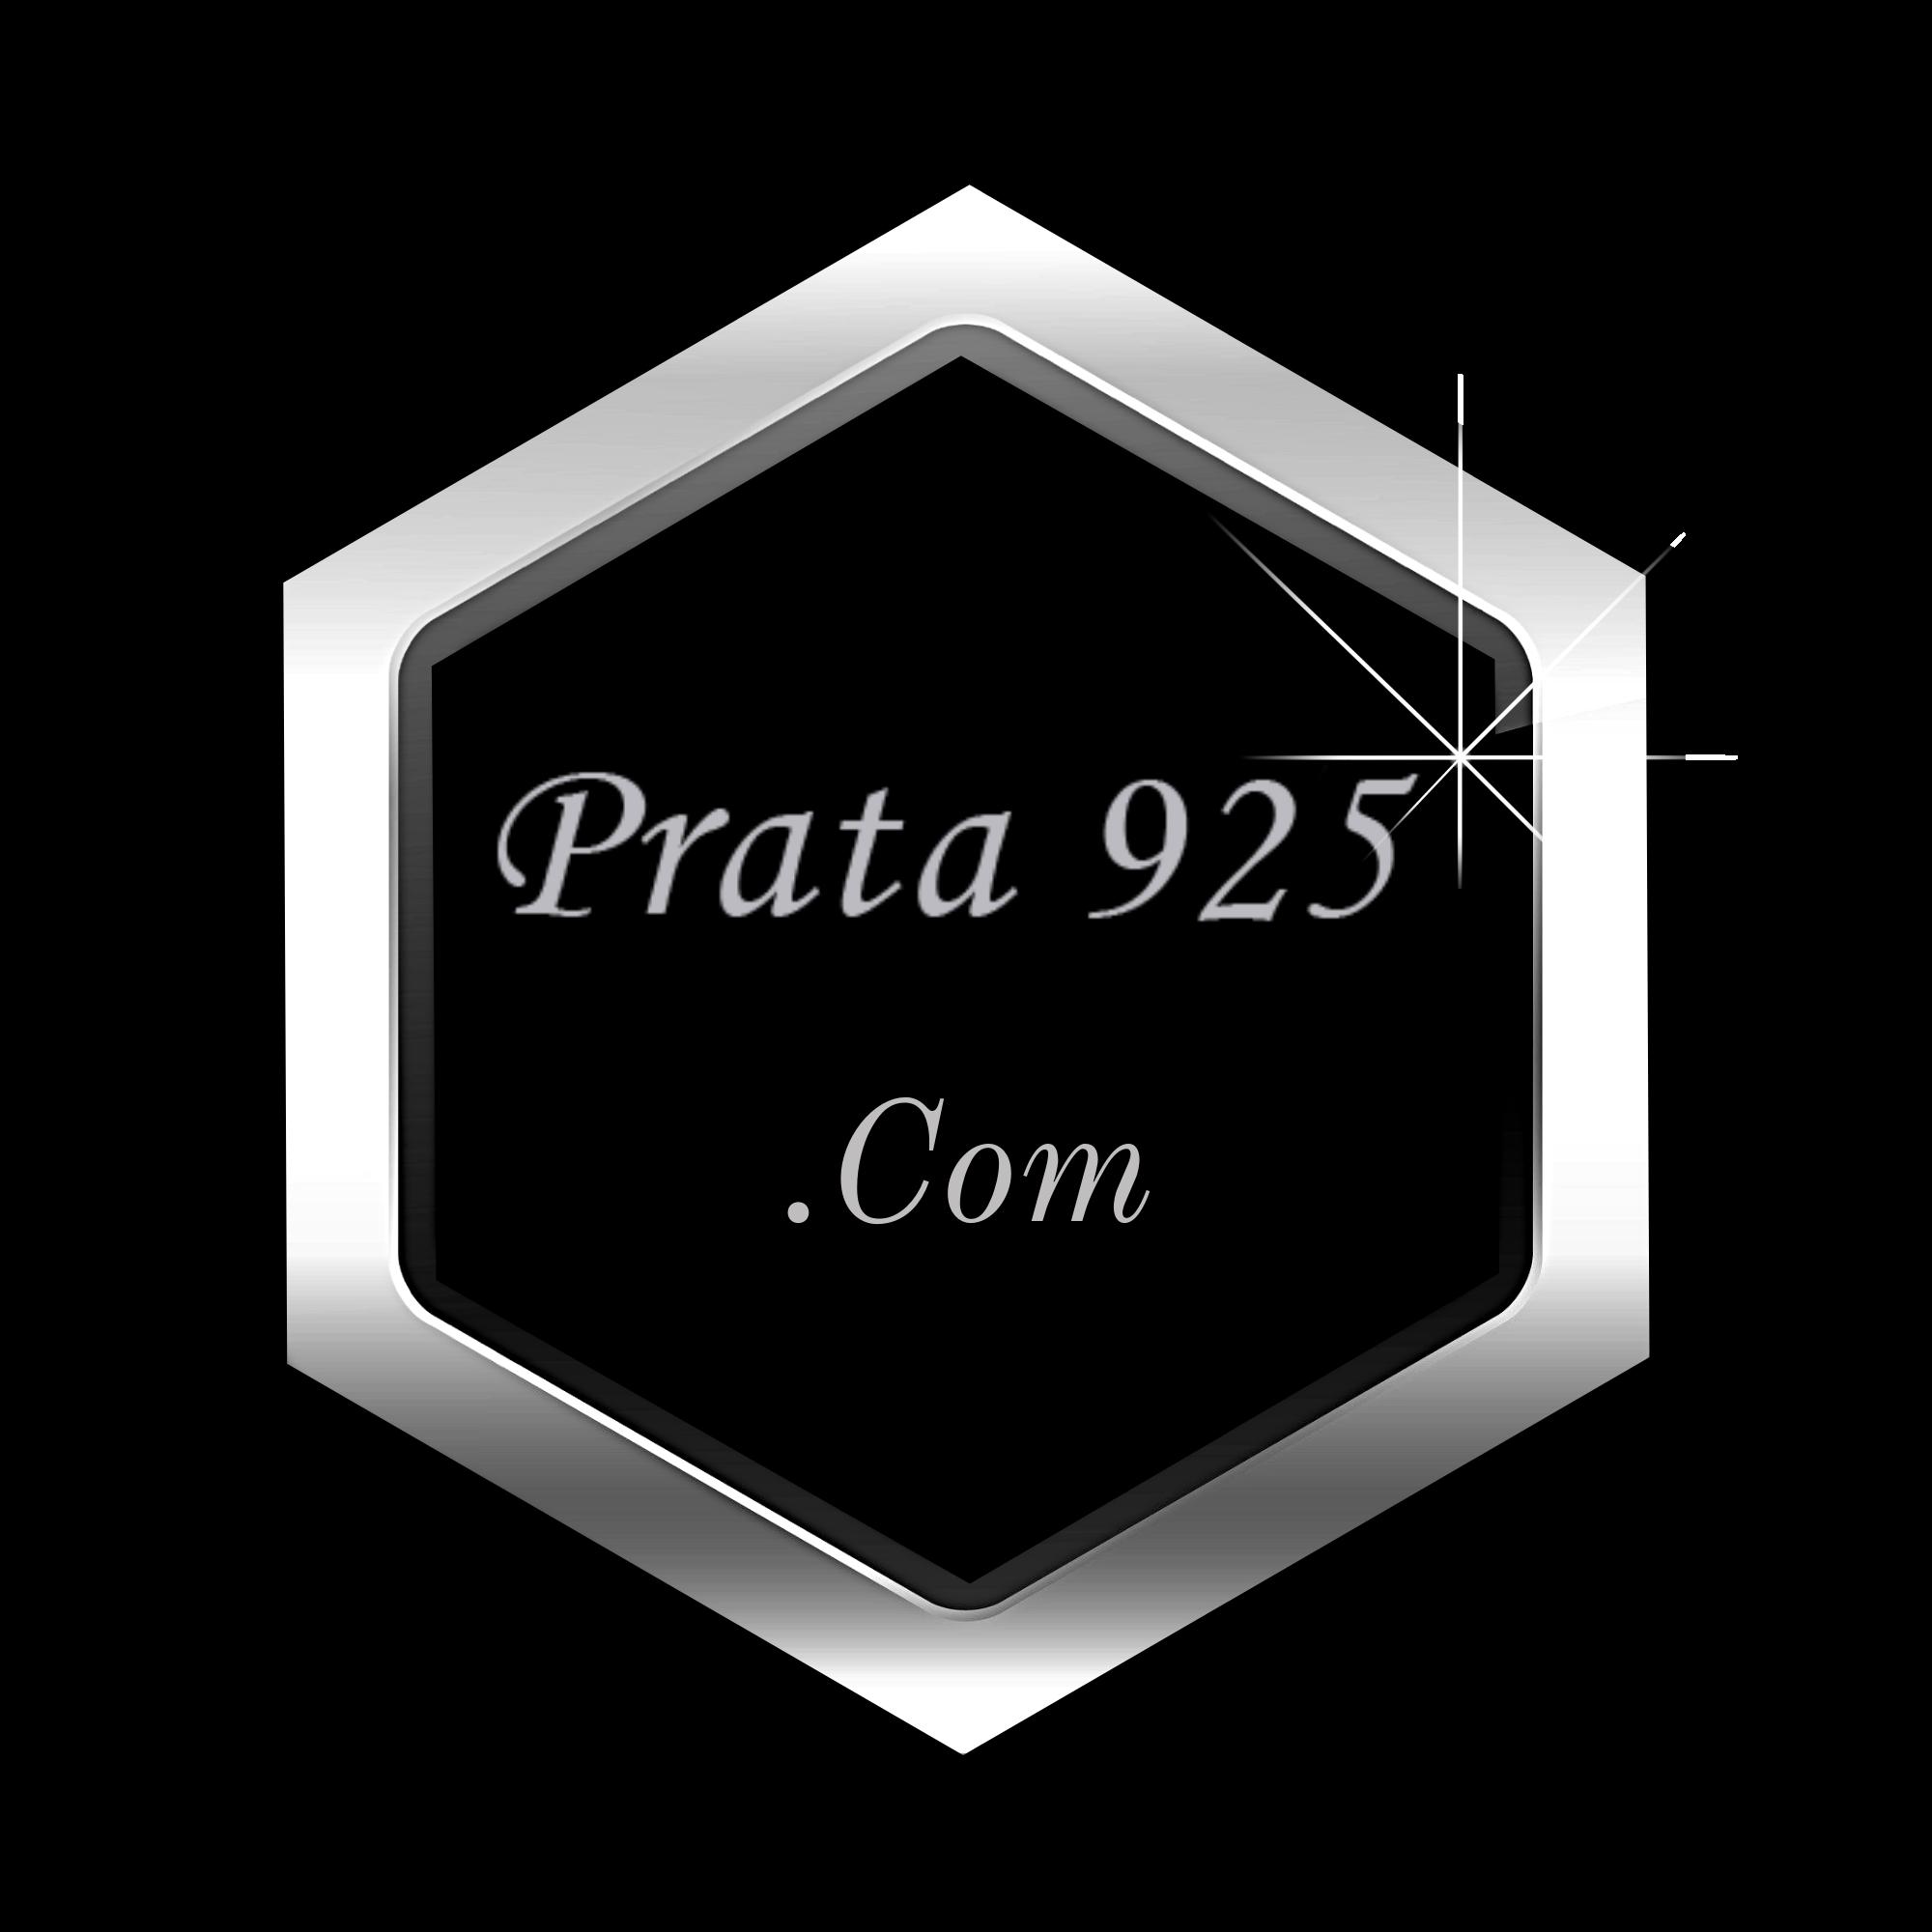 PRATA925.COM